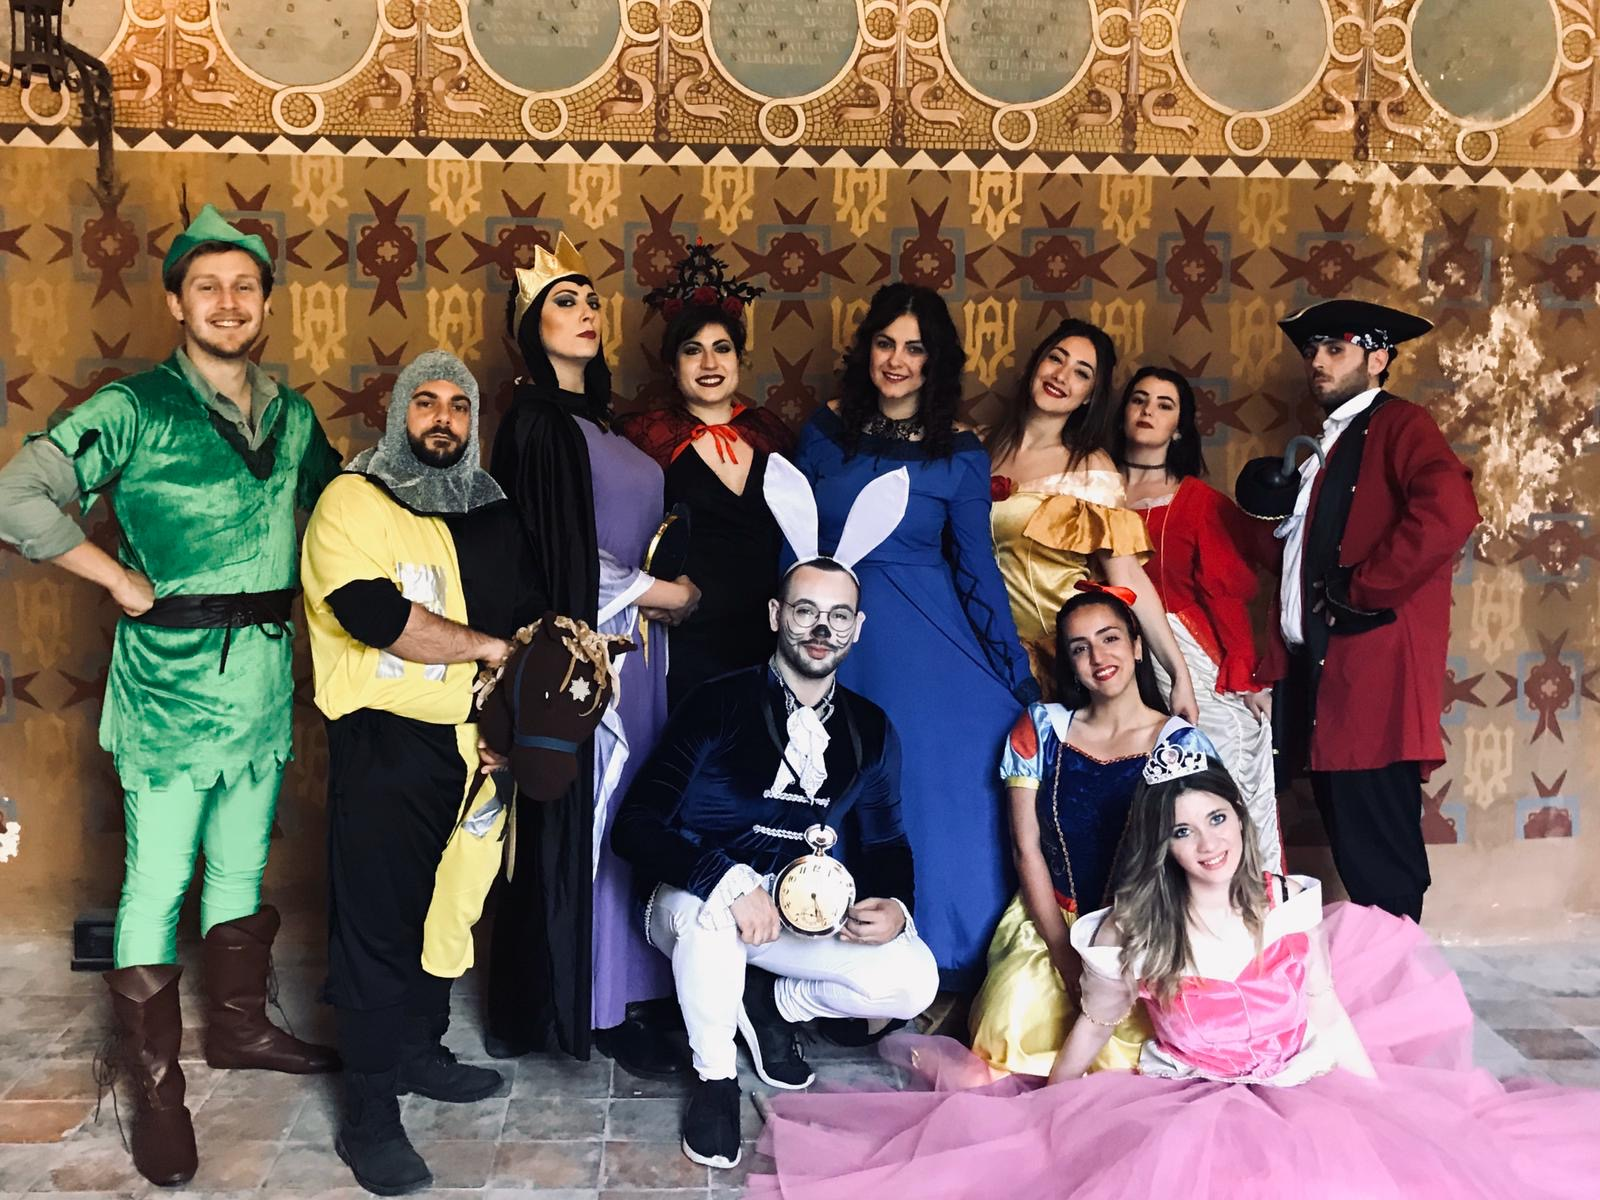 Carnevale in Villa D'Ayala